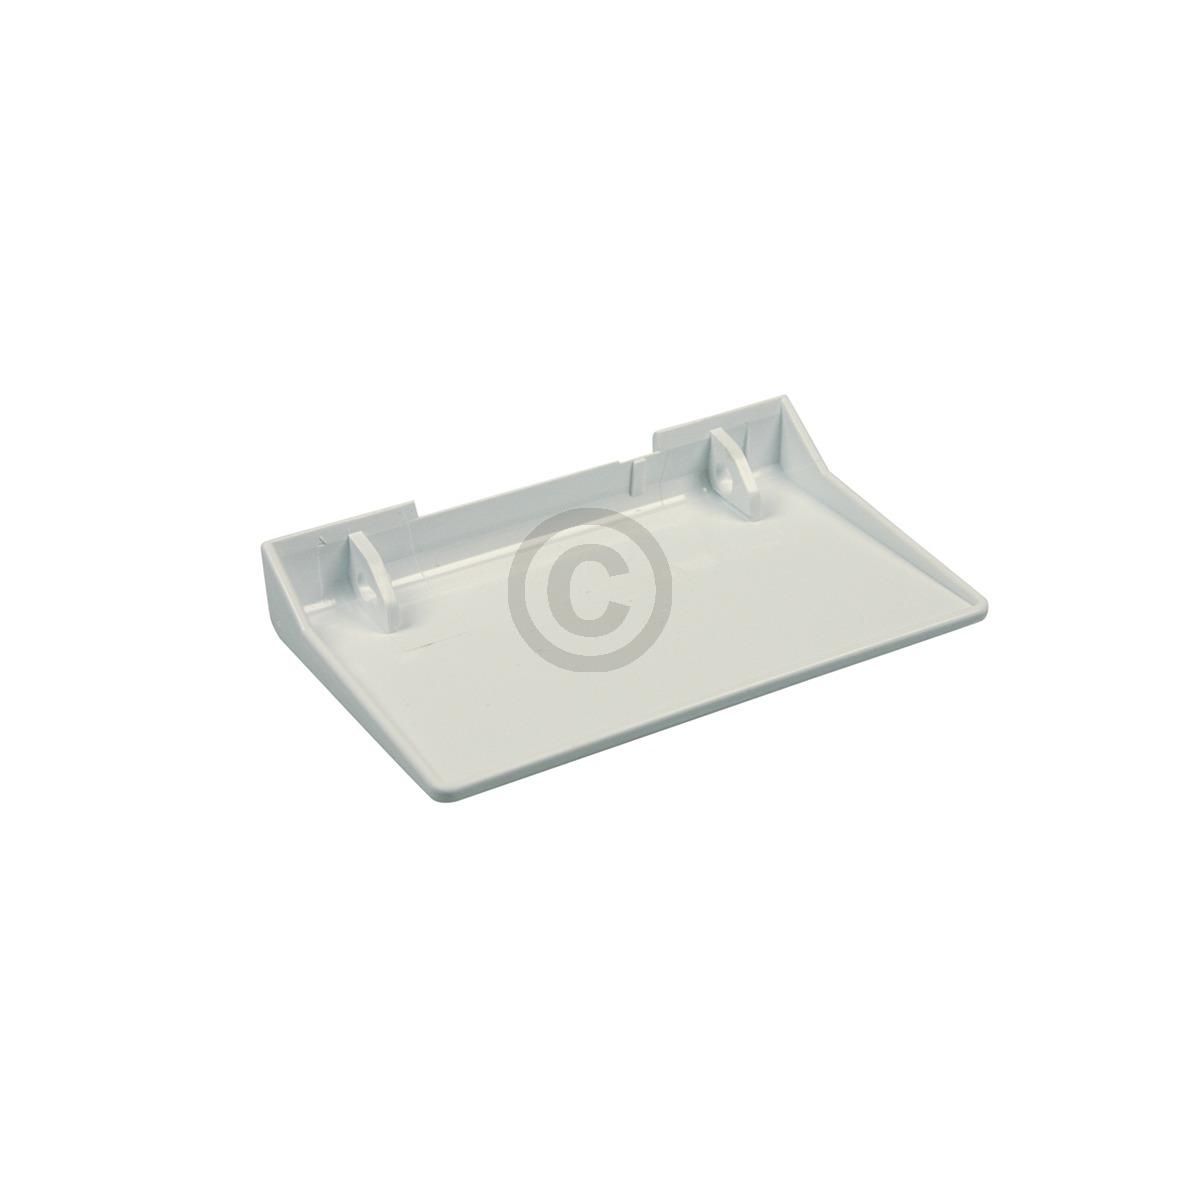 Türgriff für Gefrierfach 481249868226 Bauknecht, Whirlpool, Ikea